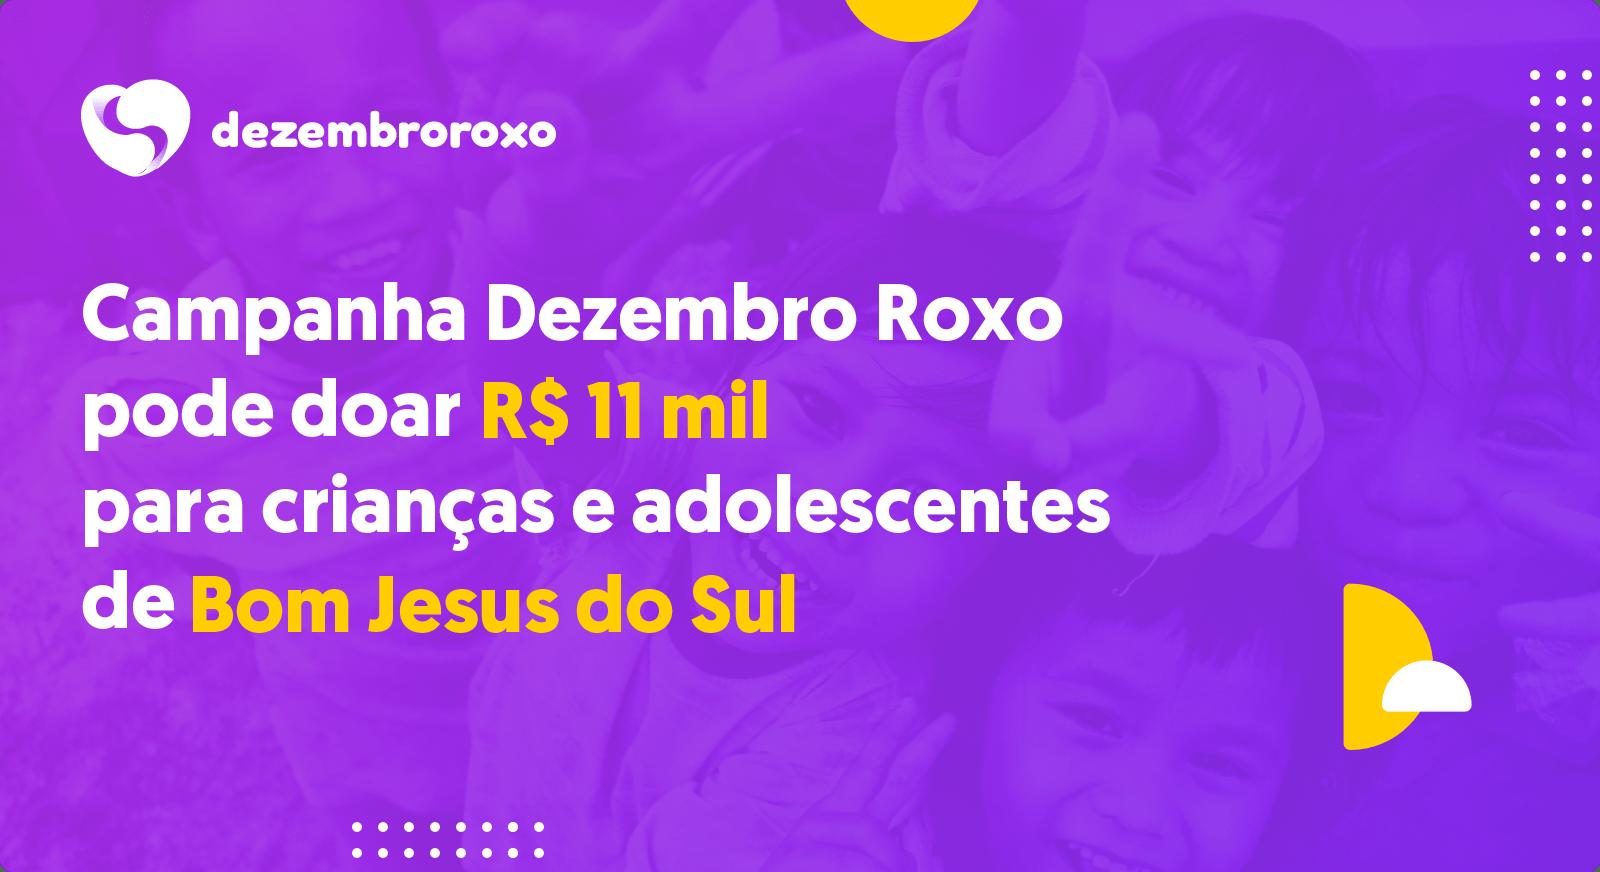 Doações em Bom Jesus do Sul - PR